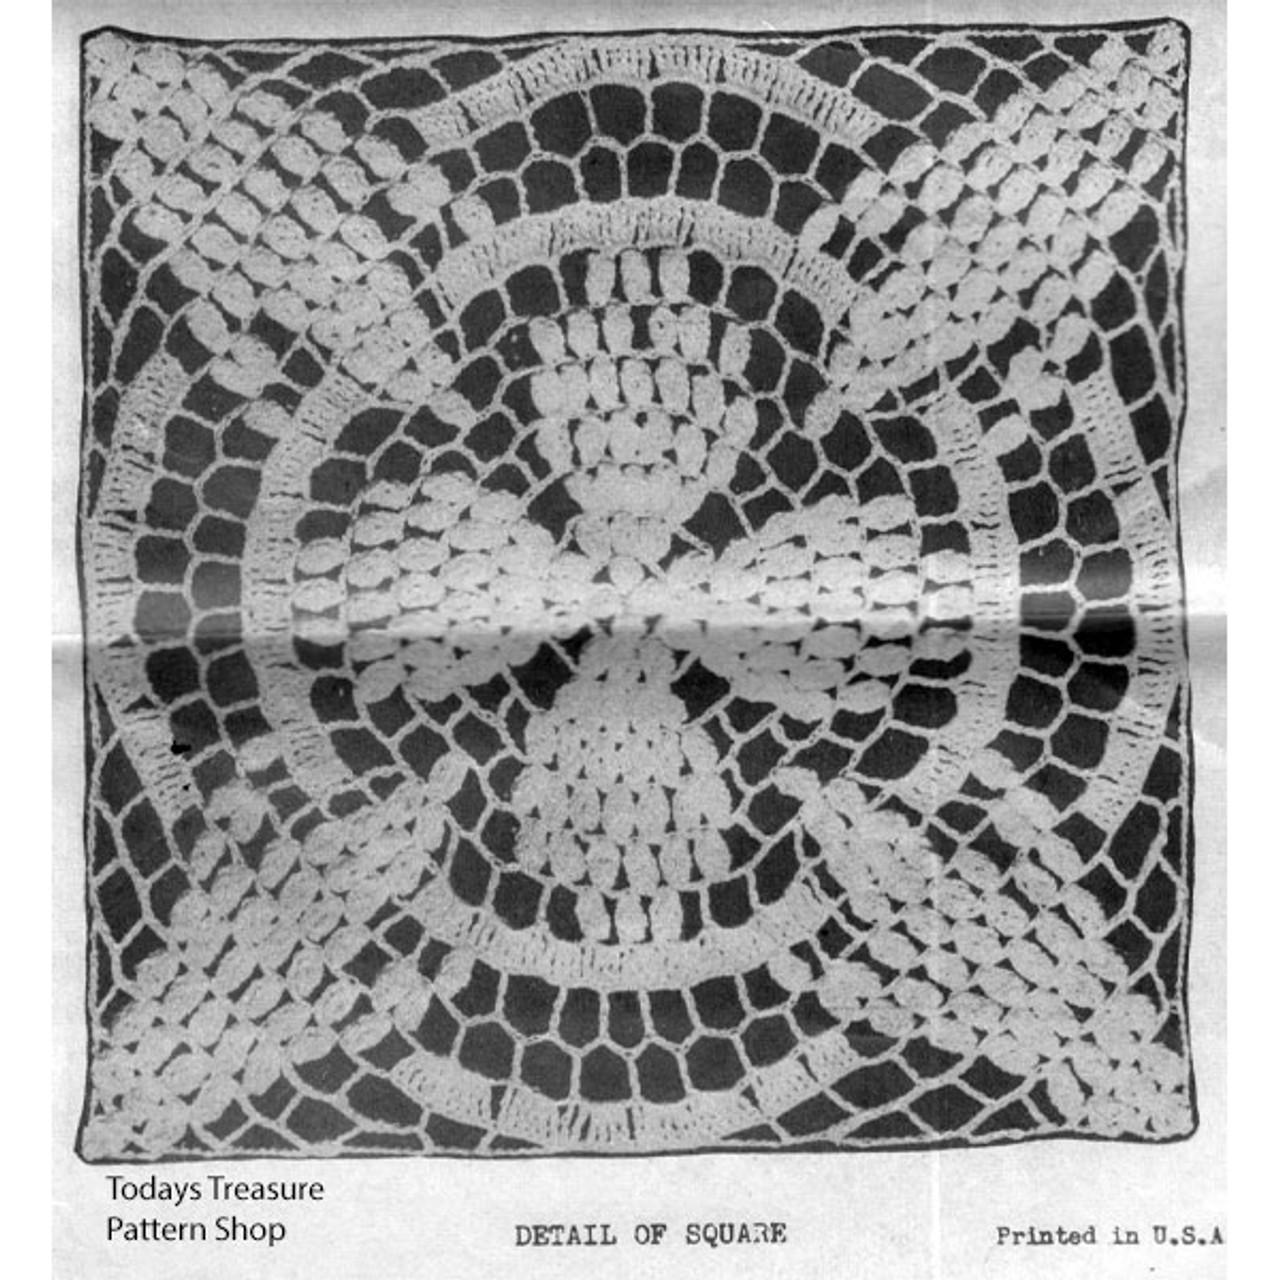 Vintage Popcorn Square Pattern for Bedspreads